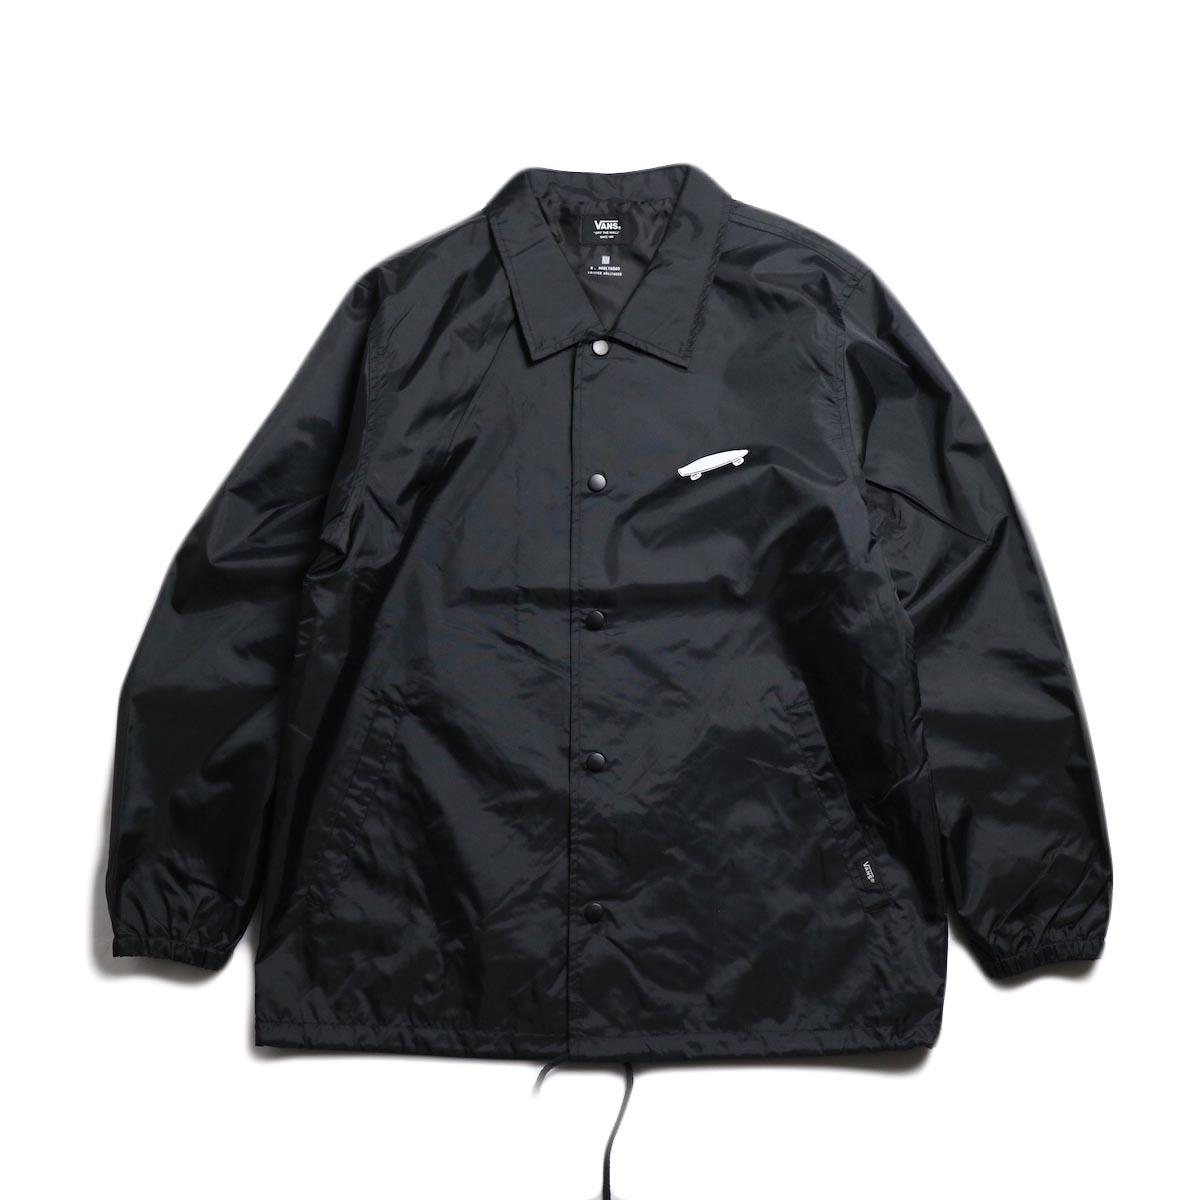 N.HOOLYWOOD × VANS / 191-BL12-076 Coach Jacket -Black